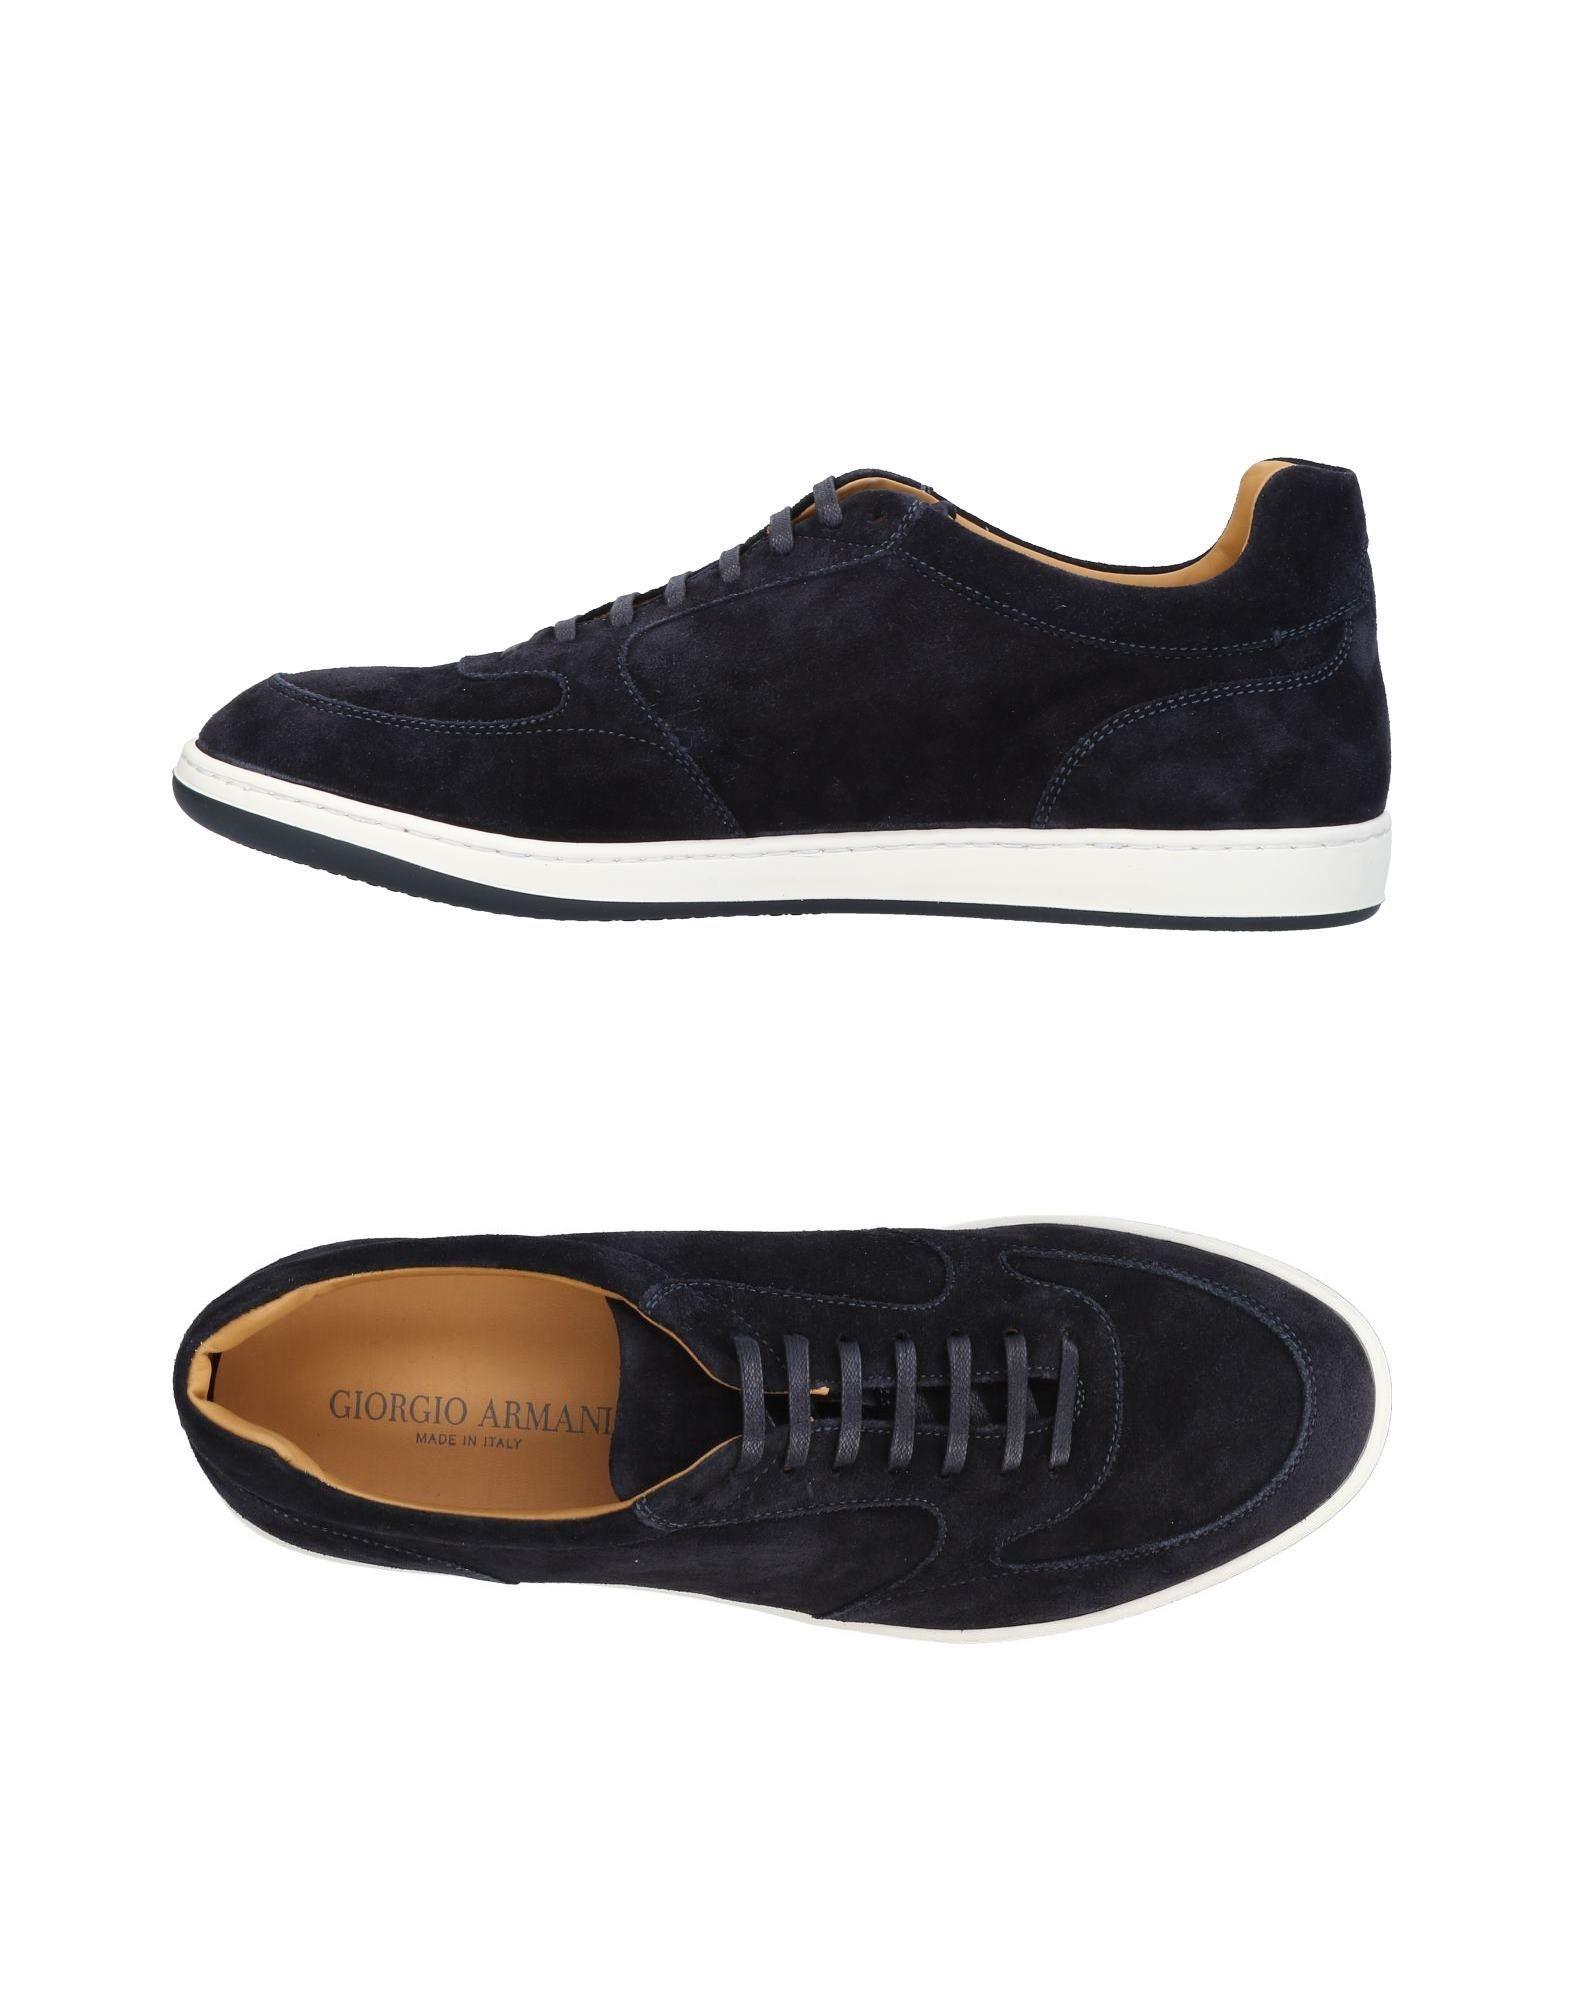 Los zapatos más populares para hombres y mujeres  Zapatillas Giorgio Giorgio Armani Hombre - Zapatillas Giorgio Zapatillas Armani a5d385